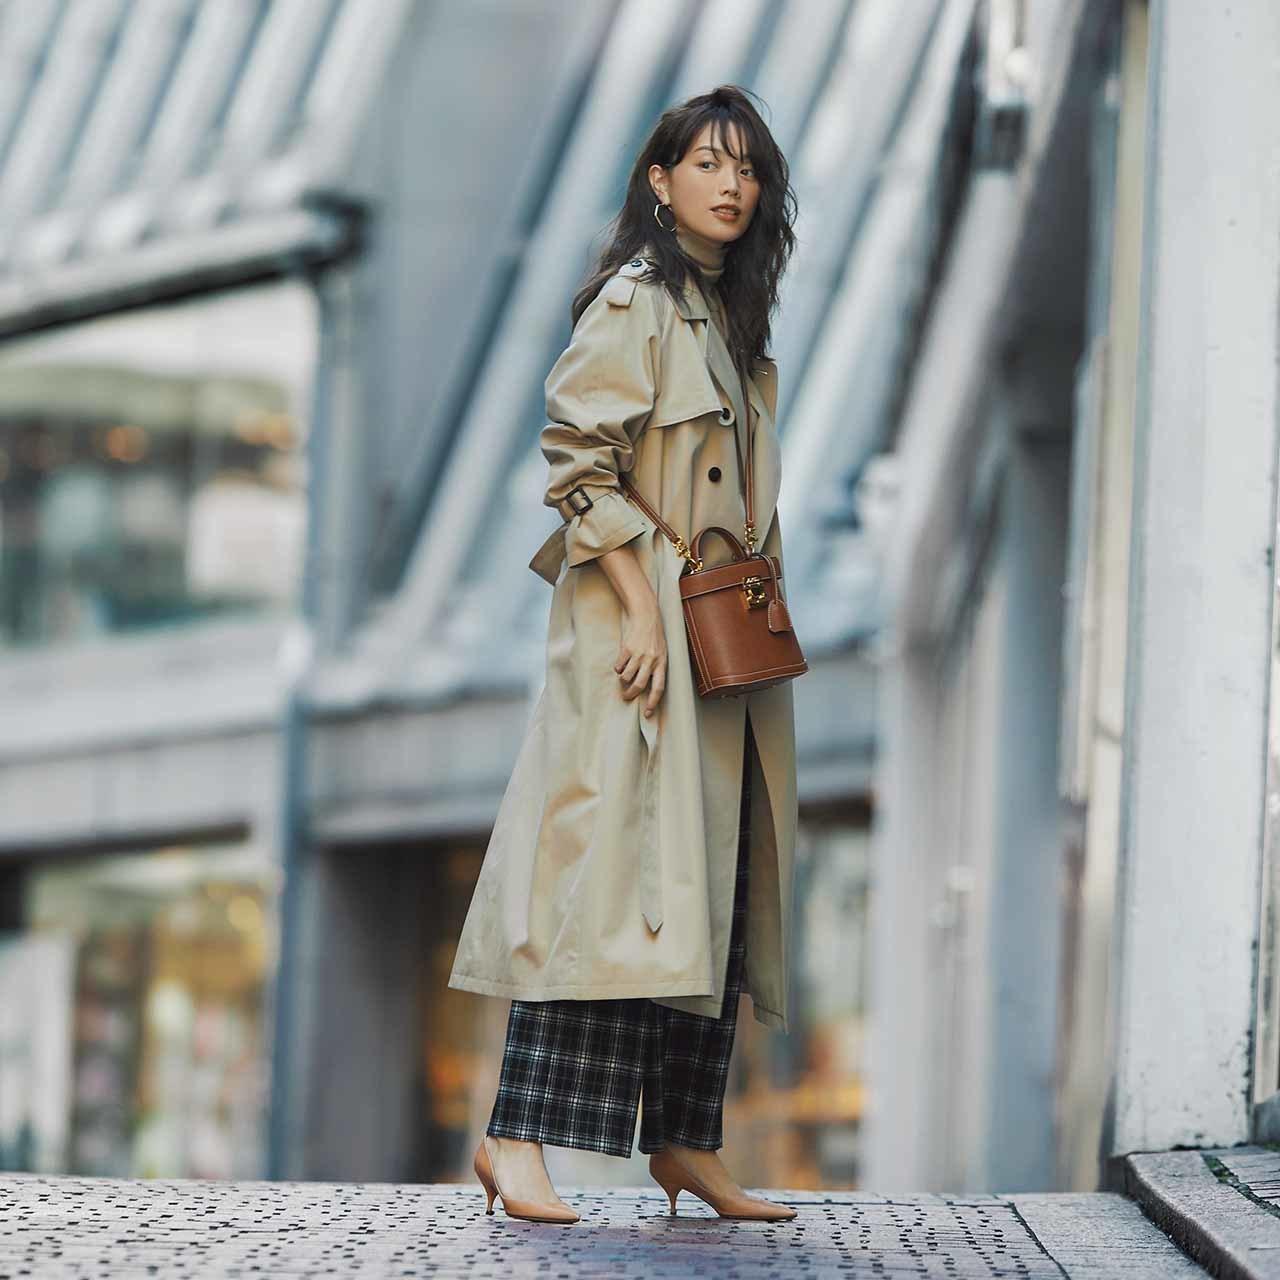 ベージュのトレンチコート×ニット&チェック柄パンツのファッションコーデ